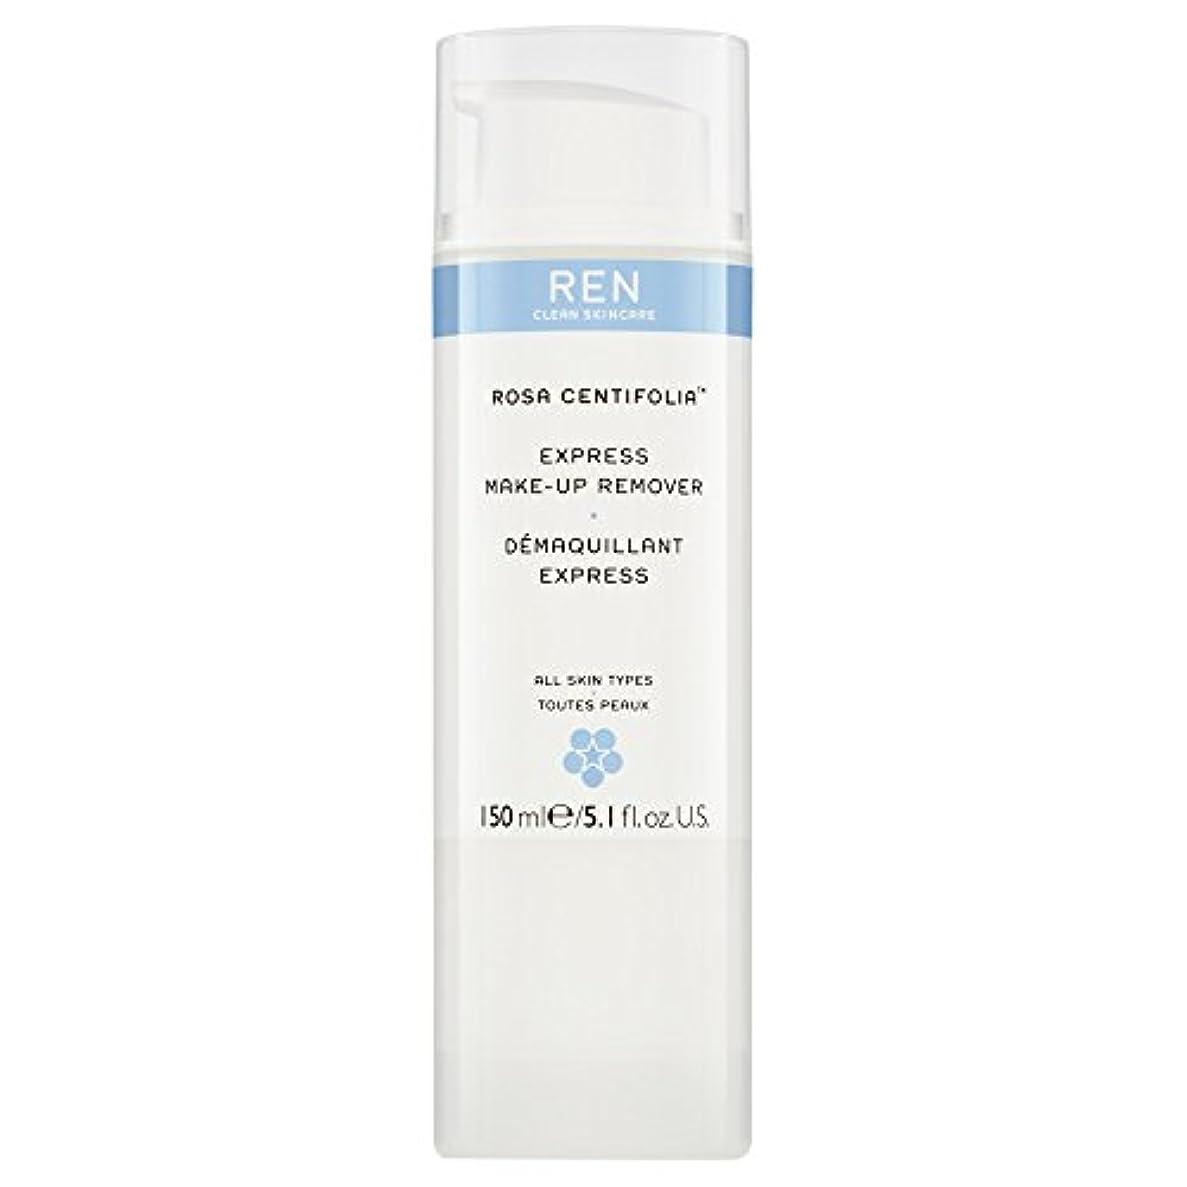 祭司餌ドールRenローザセンチフォリアバラメイクアップリムーバー150ミリリットル (REN) (x2) - REN Rosa Centifolia Makeup Remover 150ml (Pack of 2) [並行輸入品]